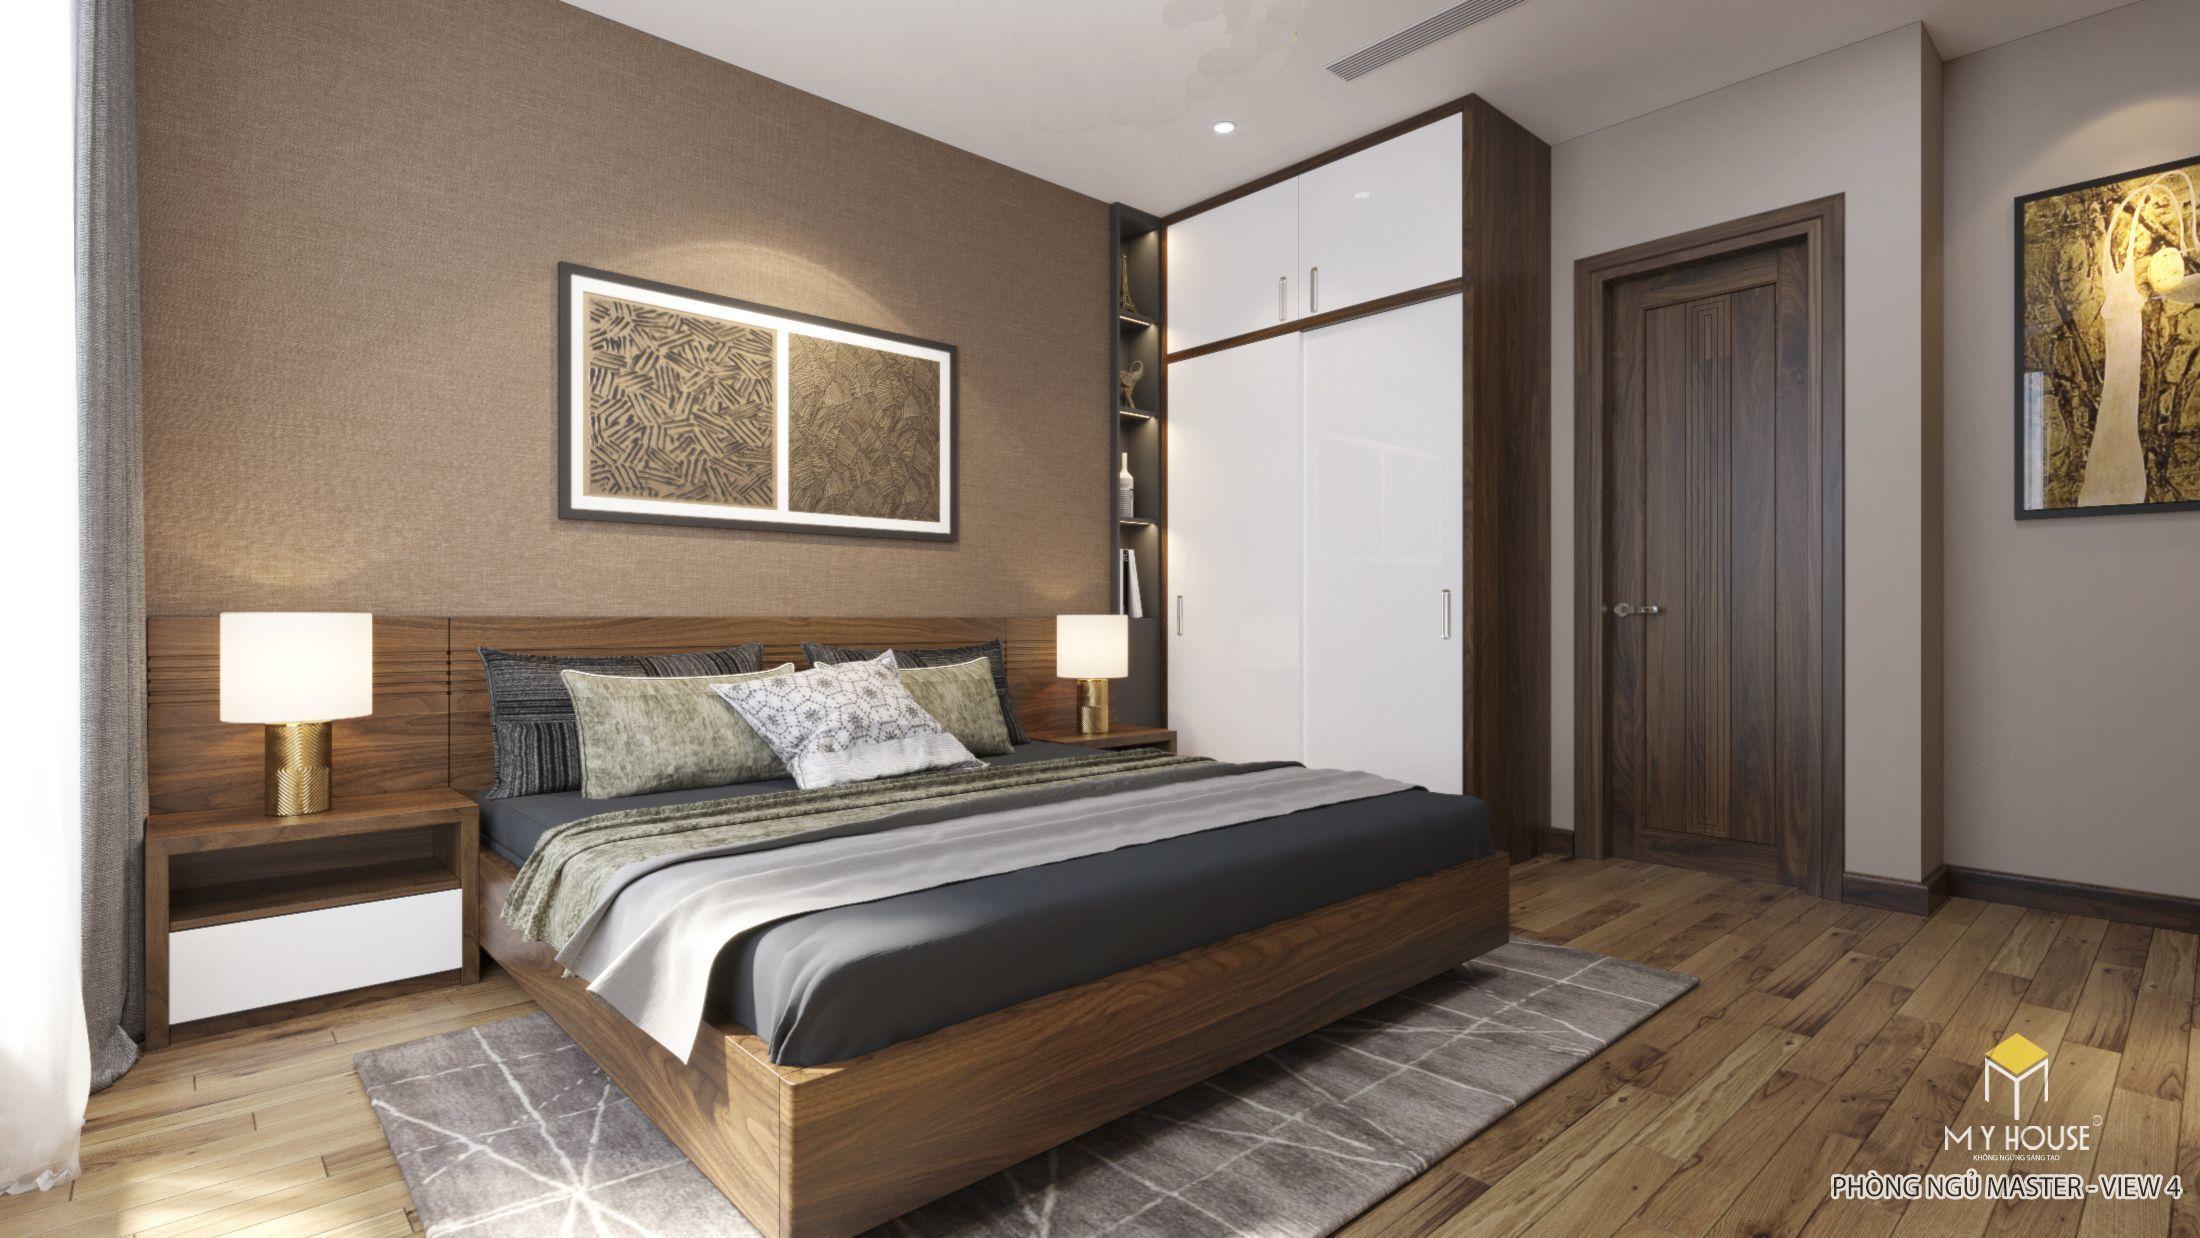 Nội thất phòng ngủ cao cấp- view 1